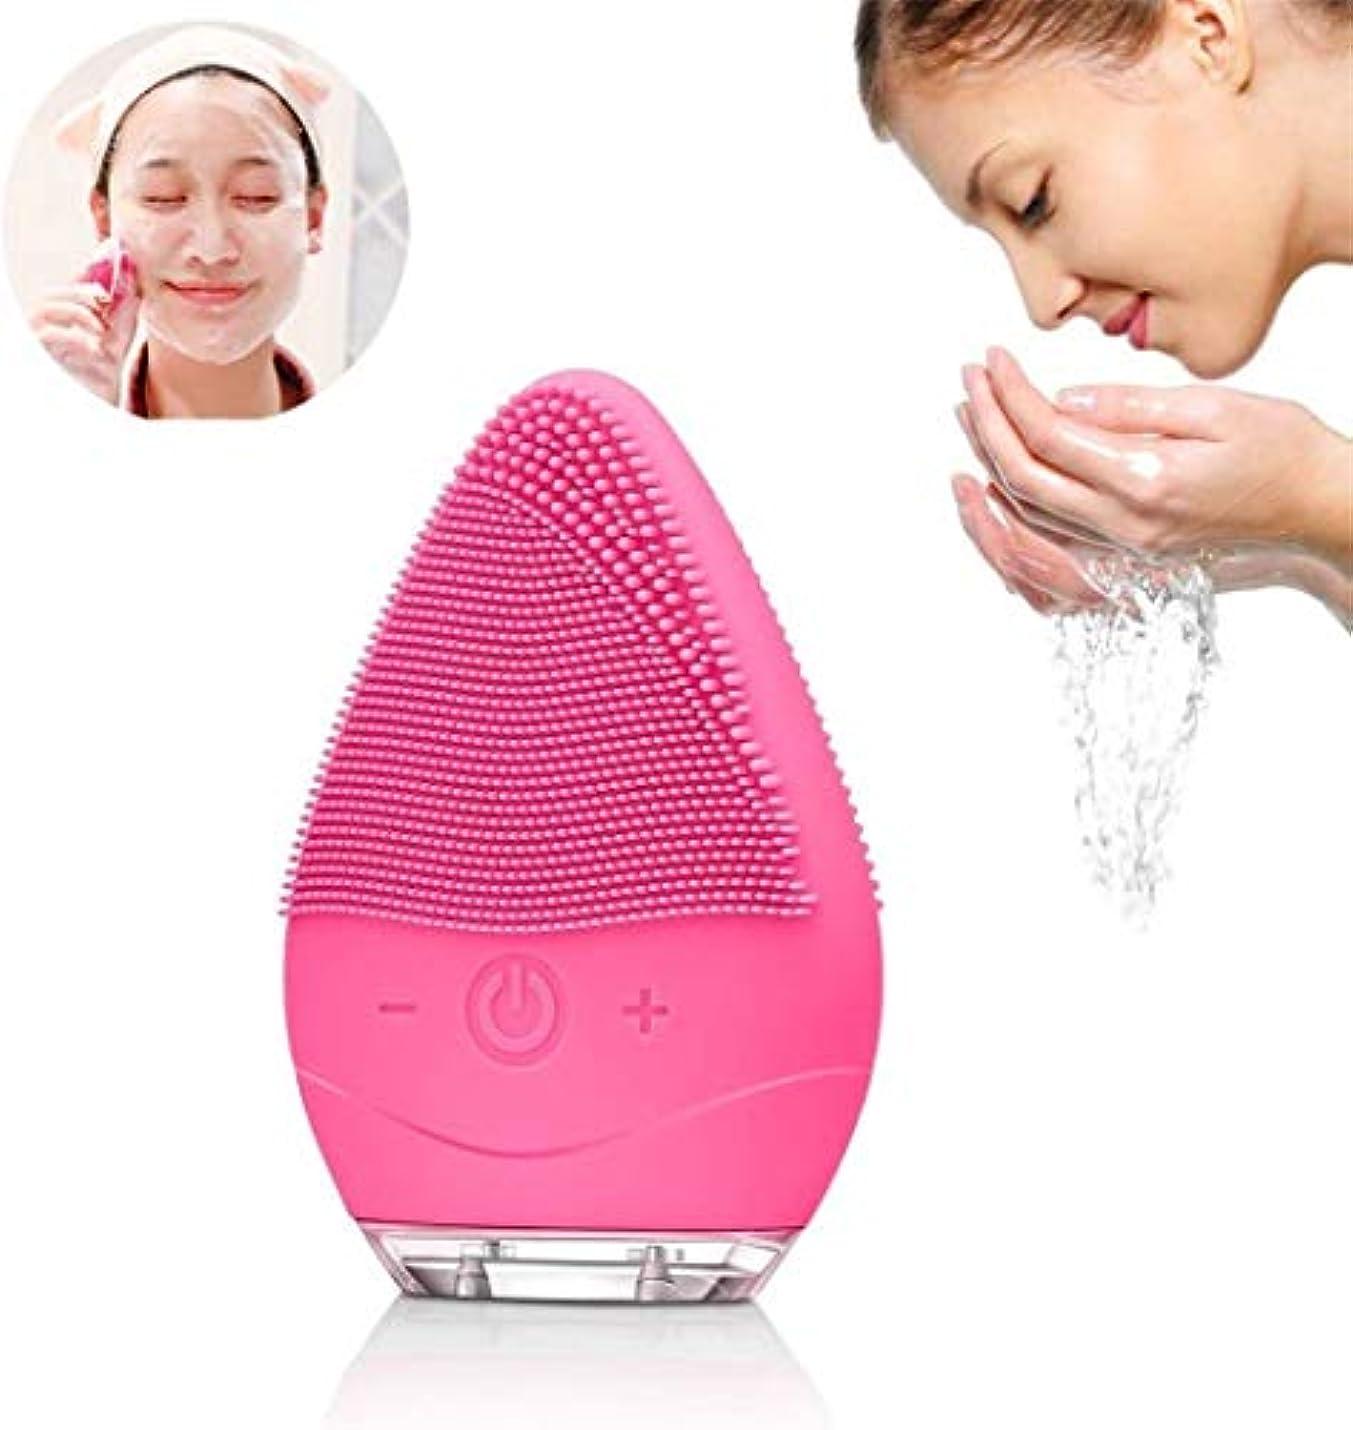 アラスカ騙す間ソニック洗顔ブラシ、防水シリコーン洗顔ブラシエレクトリックフェイス振動マッサージ器USB充電式(ローズ)とクリーンな肌のためのデバイス